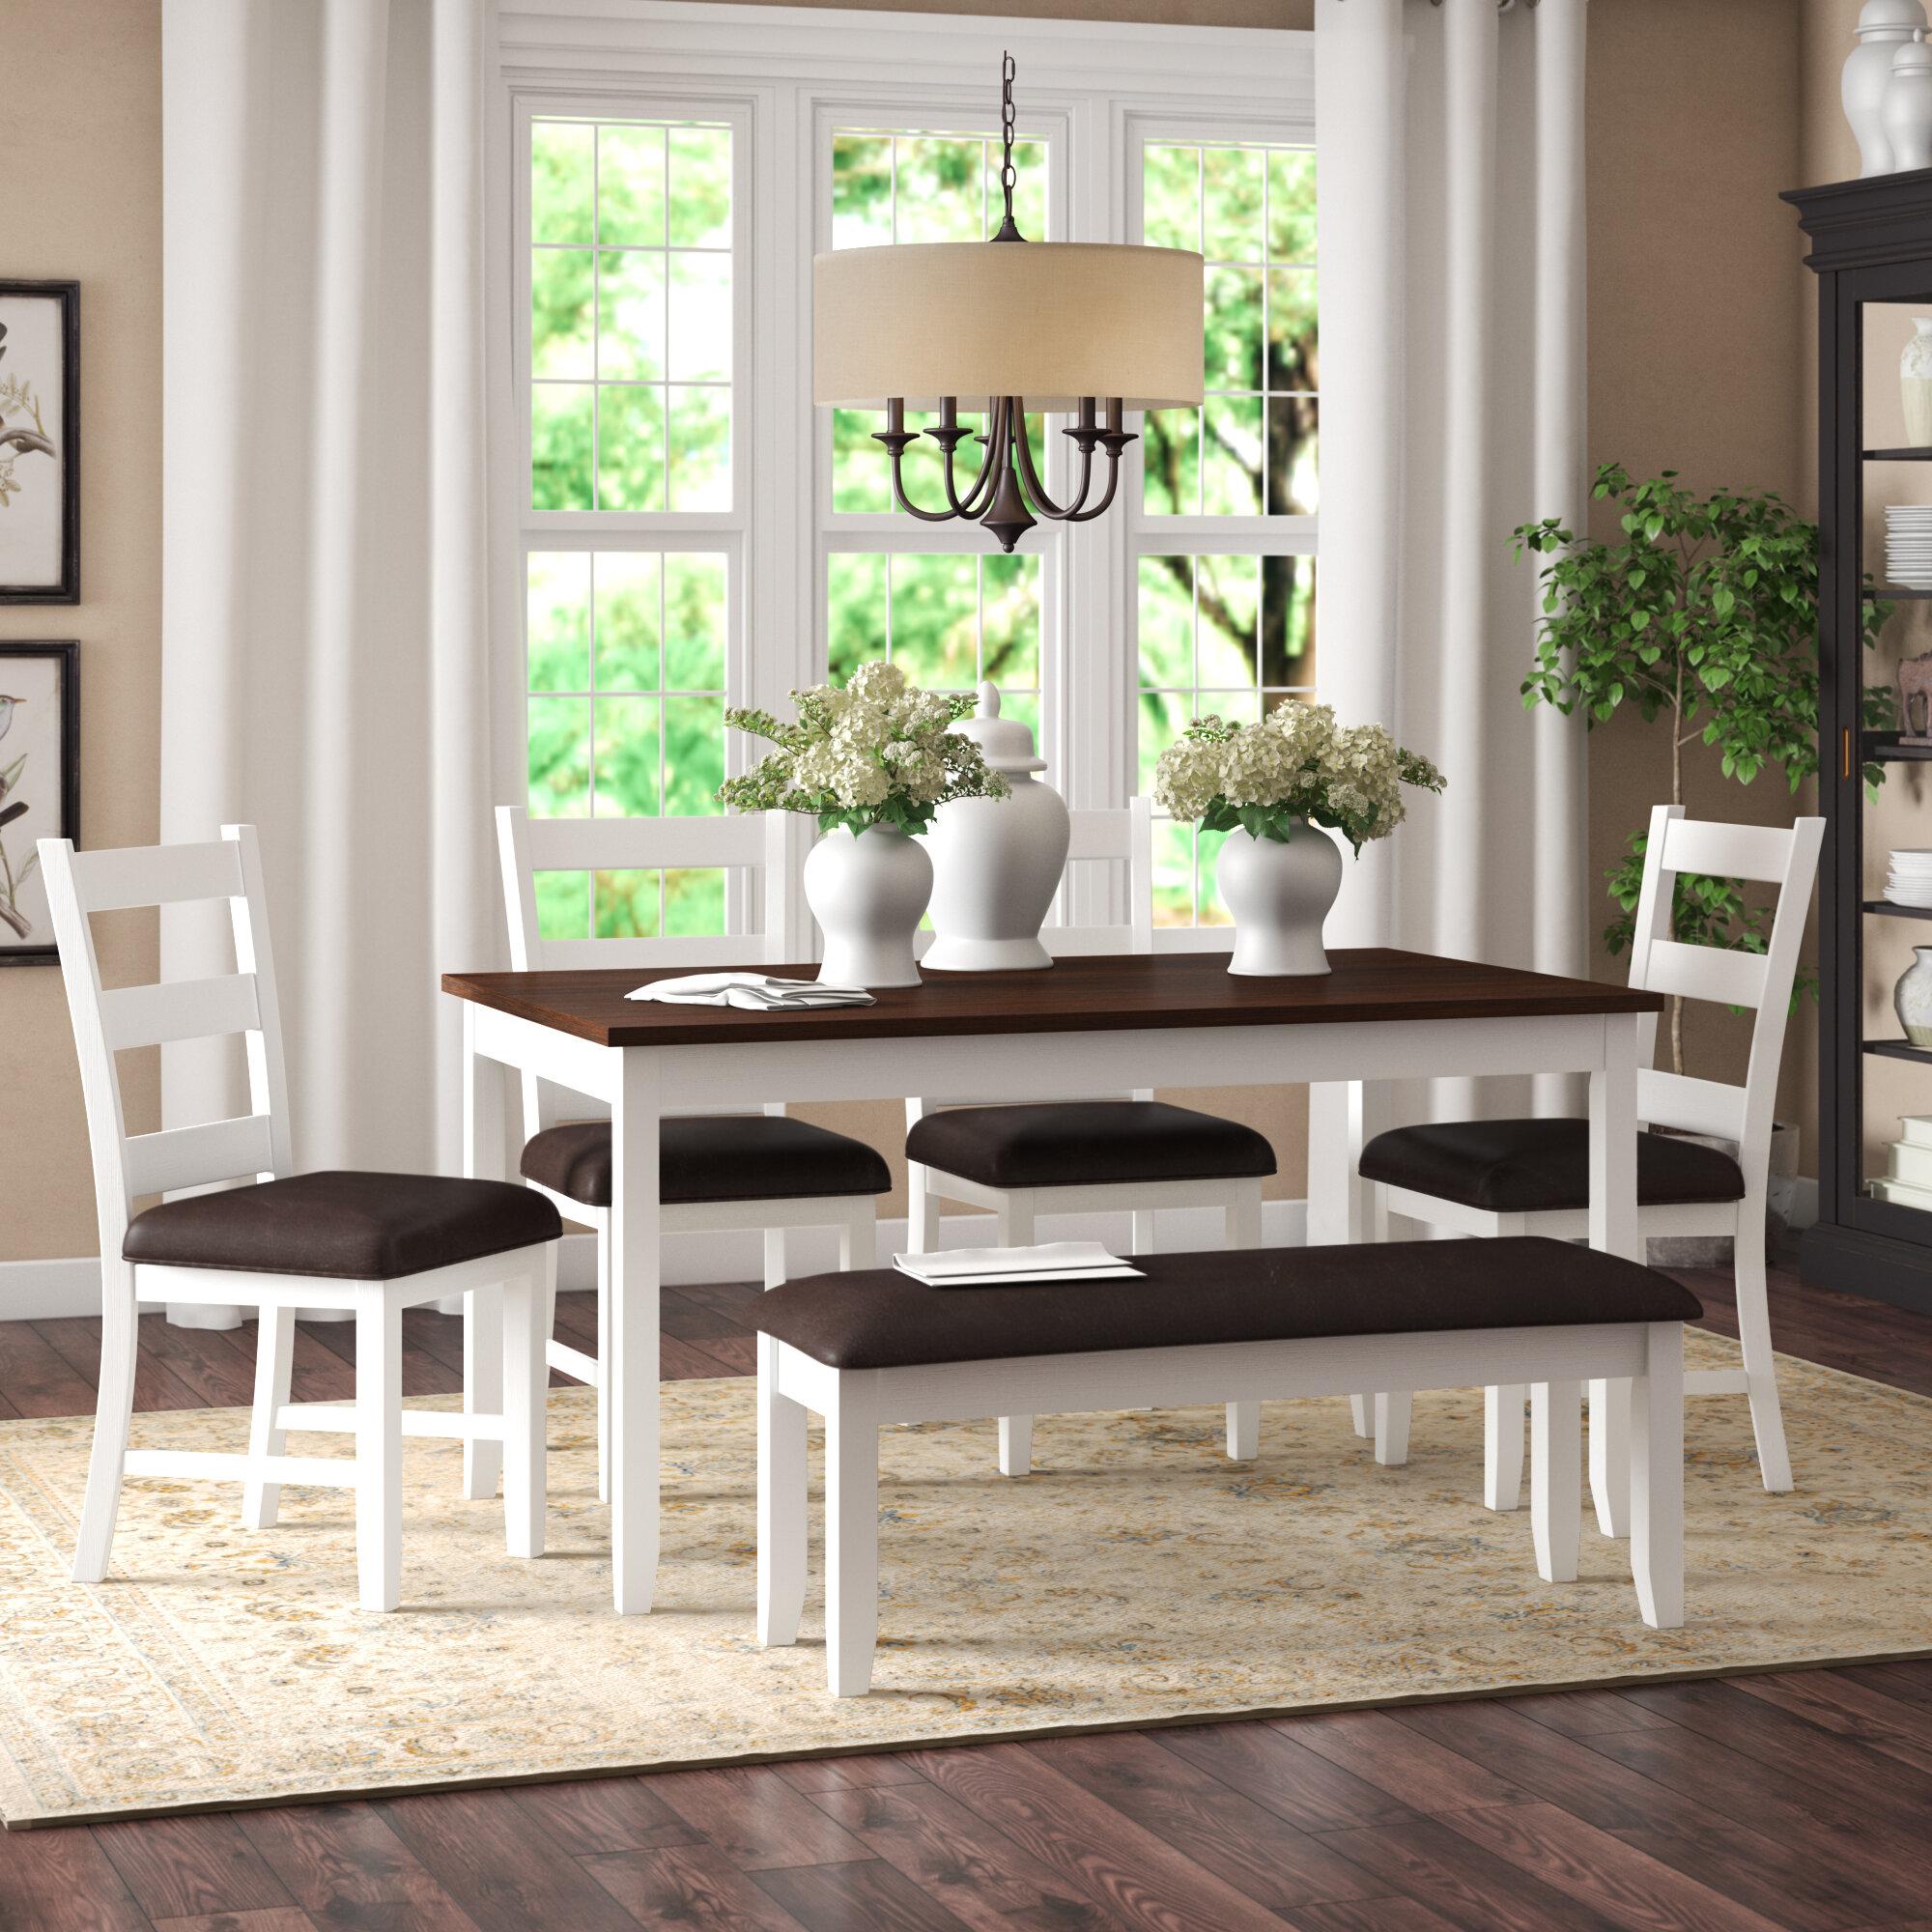 Alcott Hill® Mavis 6 Piece Solid Wood Breakfast Nook Dining Set